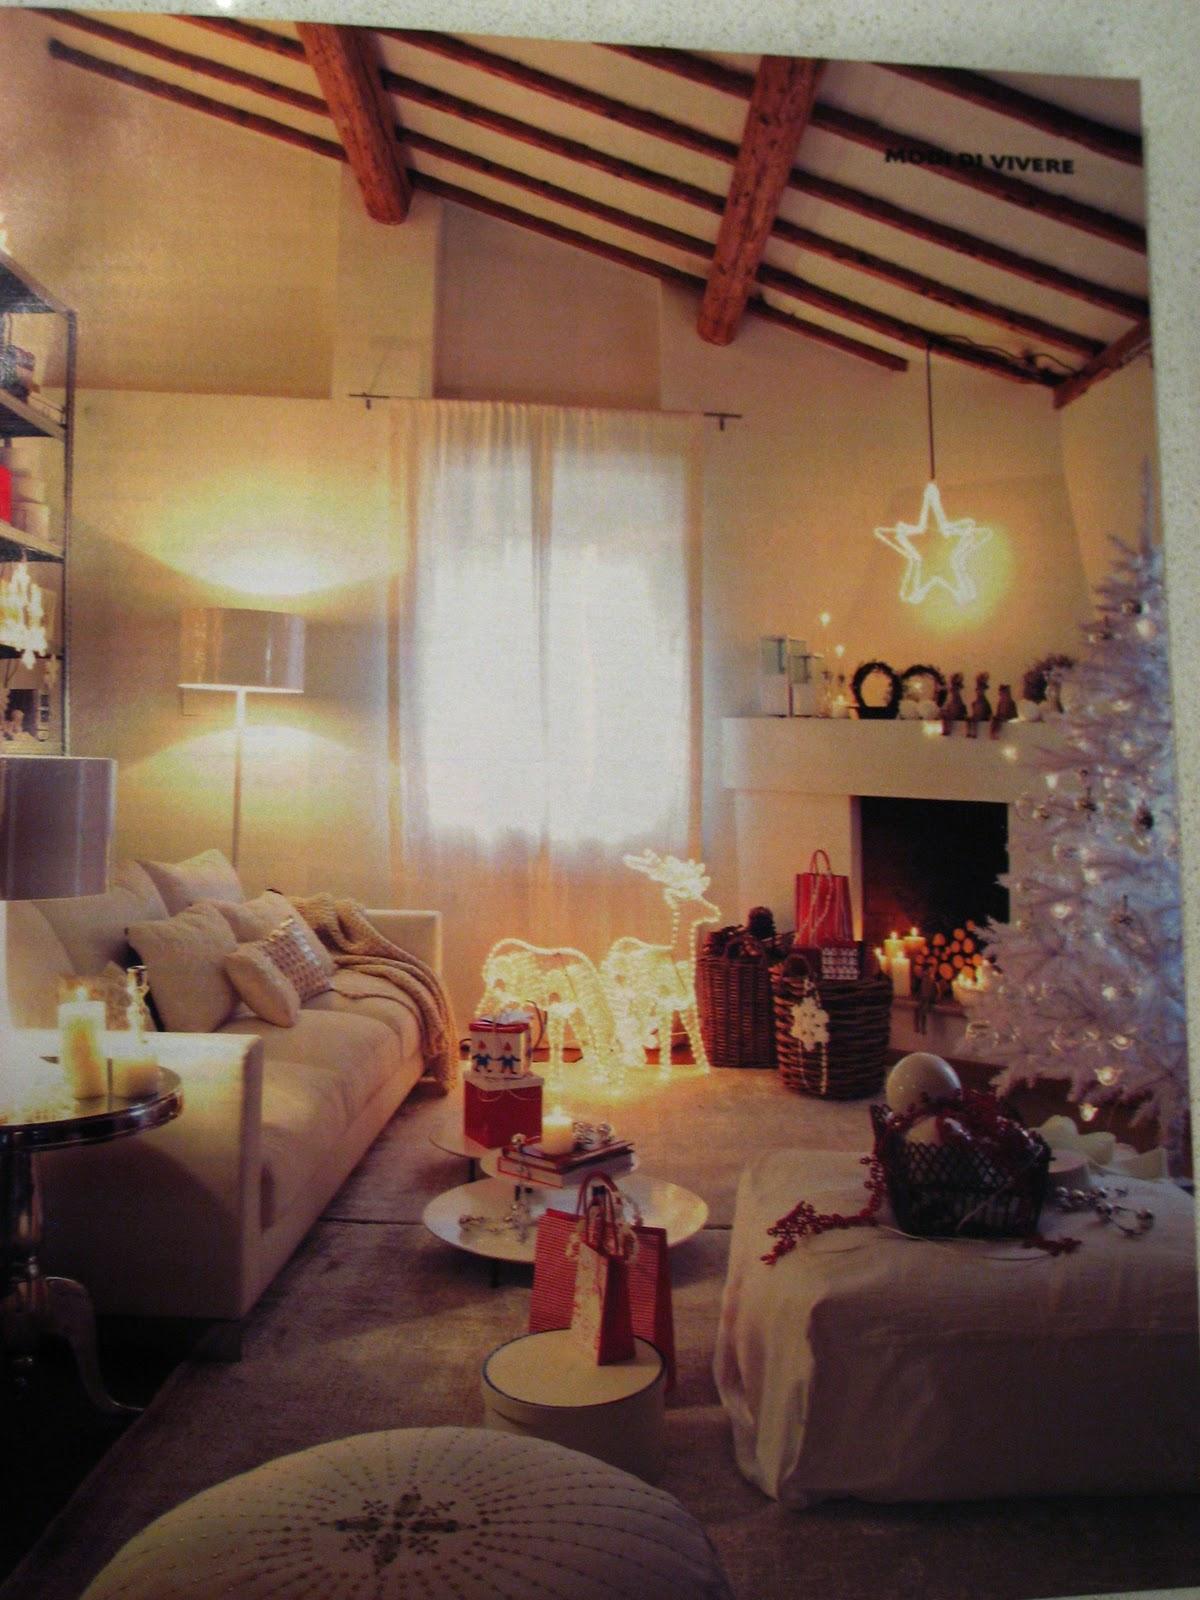 Appunti di casa dicembre 2010 - Appunti di casa ...